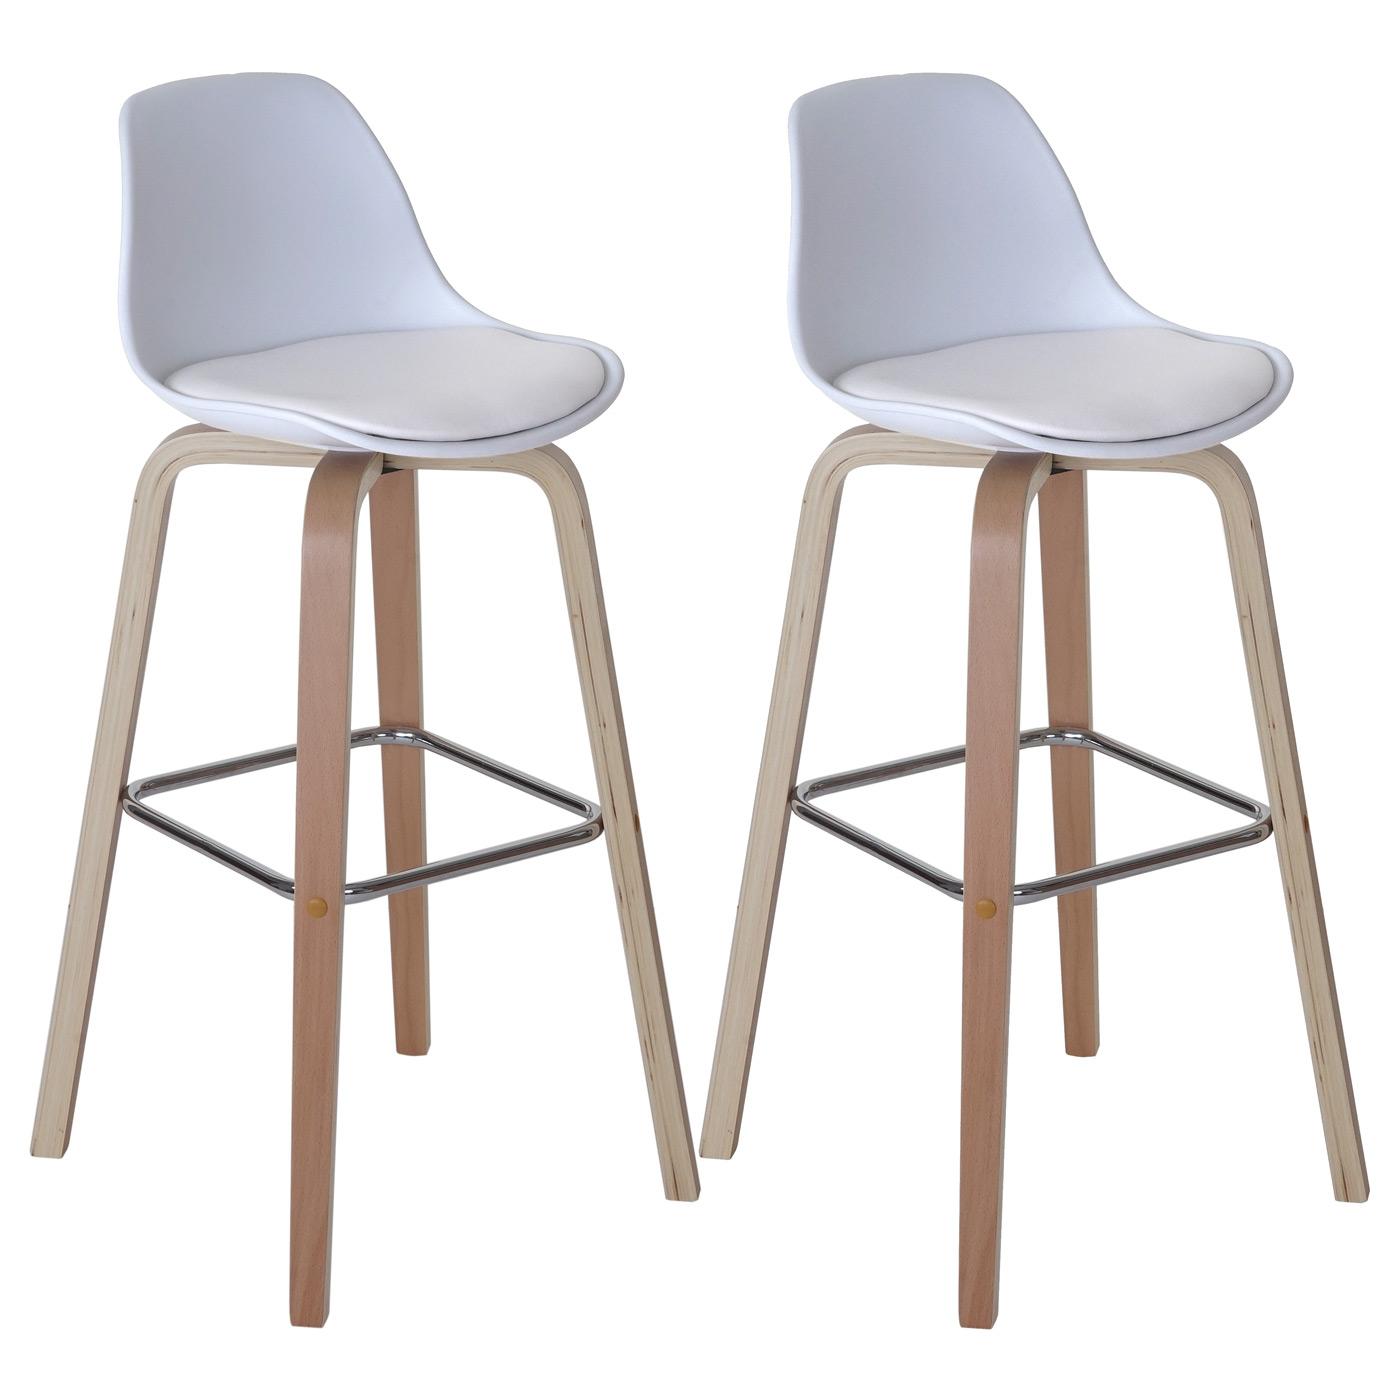 2x barhocker lancaster barstuhl tresenhocker mit lehne kunstleder wei ebay. Black Bedroom Furniture Sets. Home Design Ideas